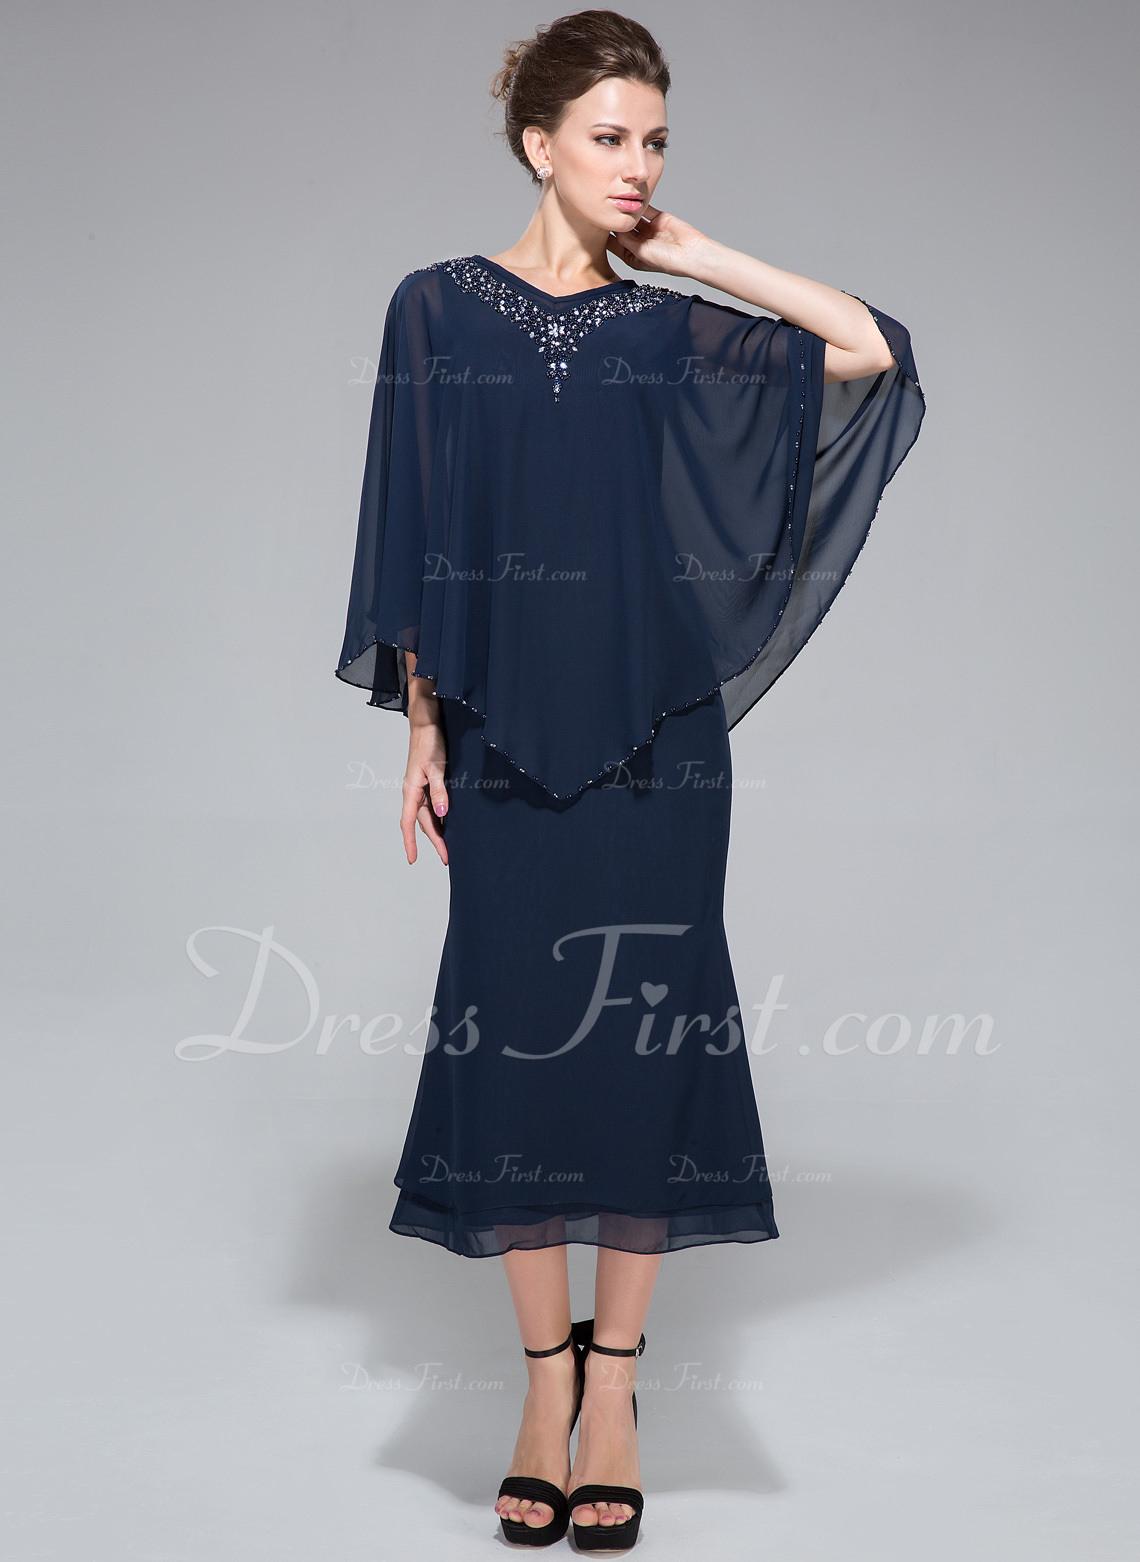 17 Schön Kleid Wadenlang Spezialgebiet Top Kleid Wadenlang Galerie